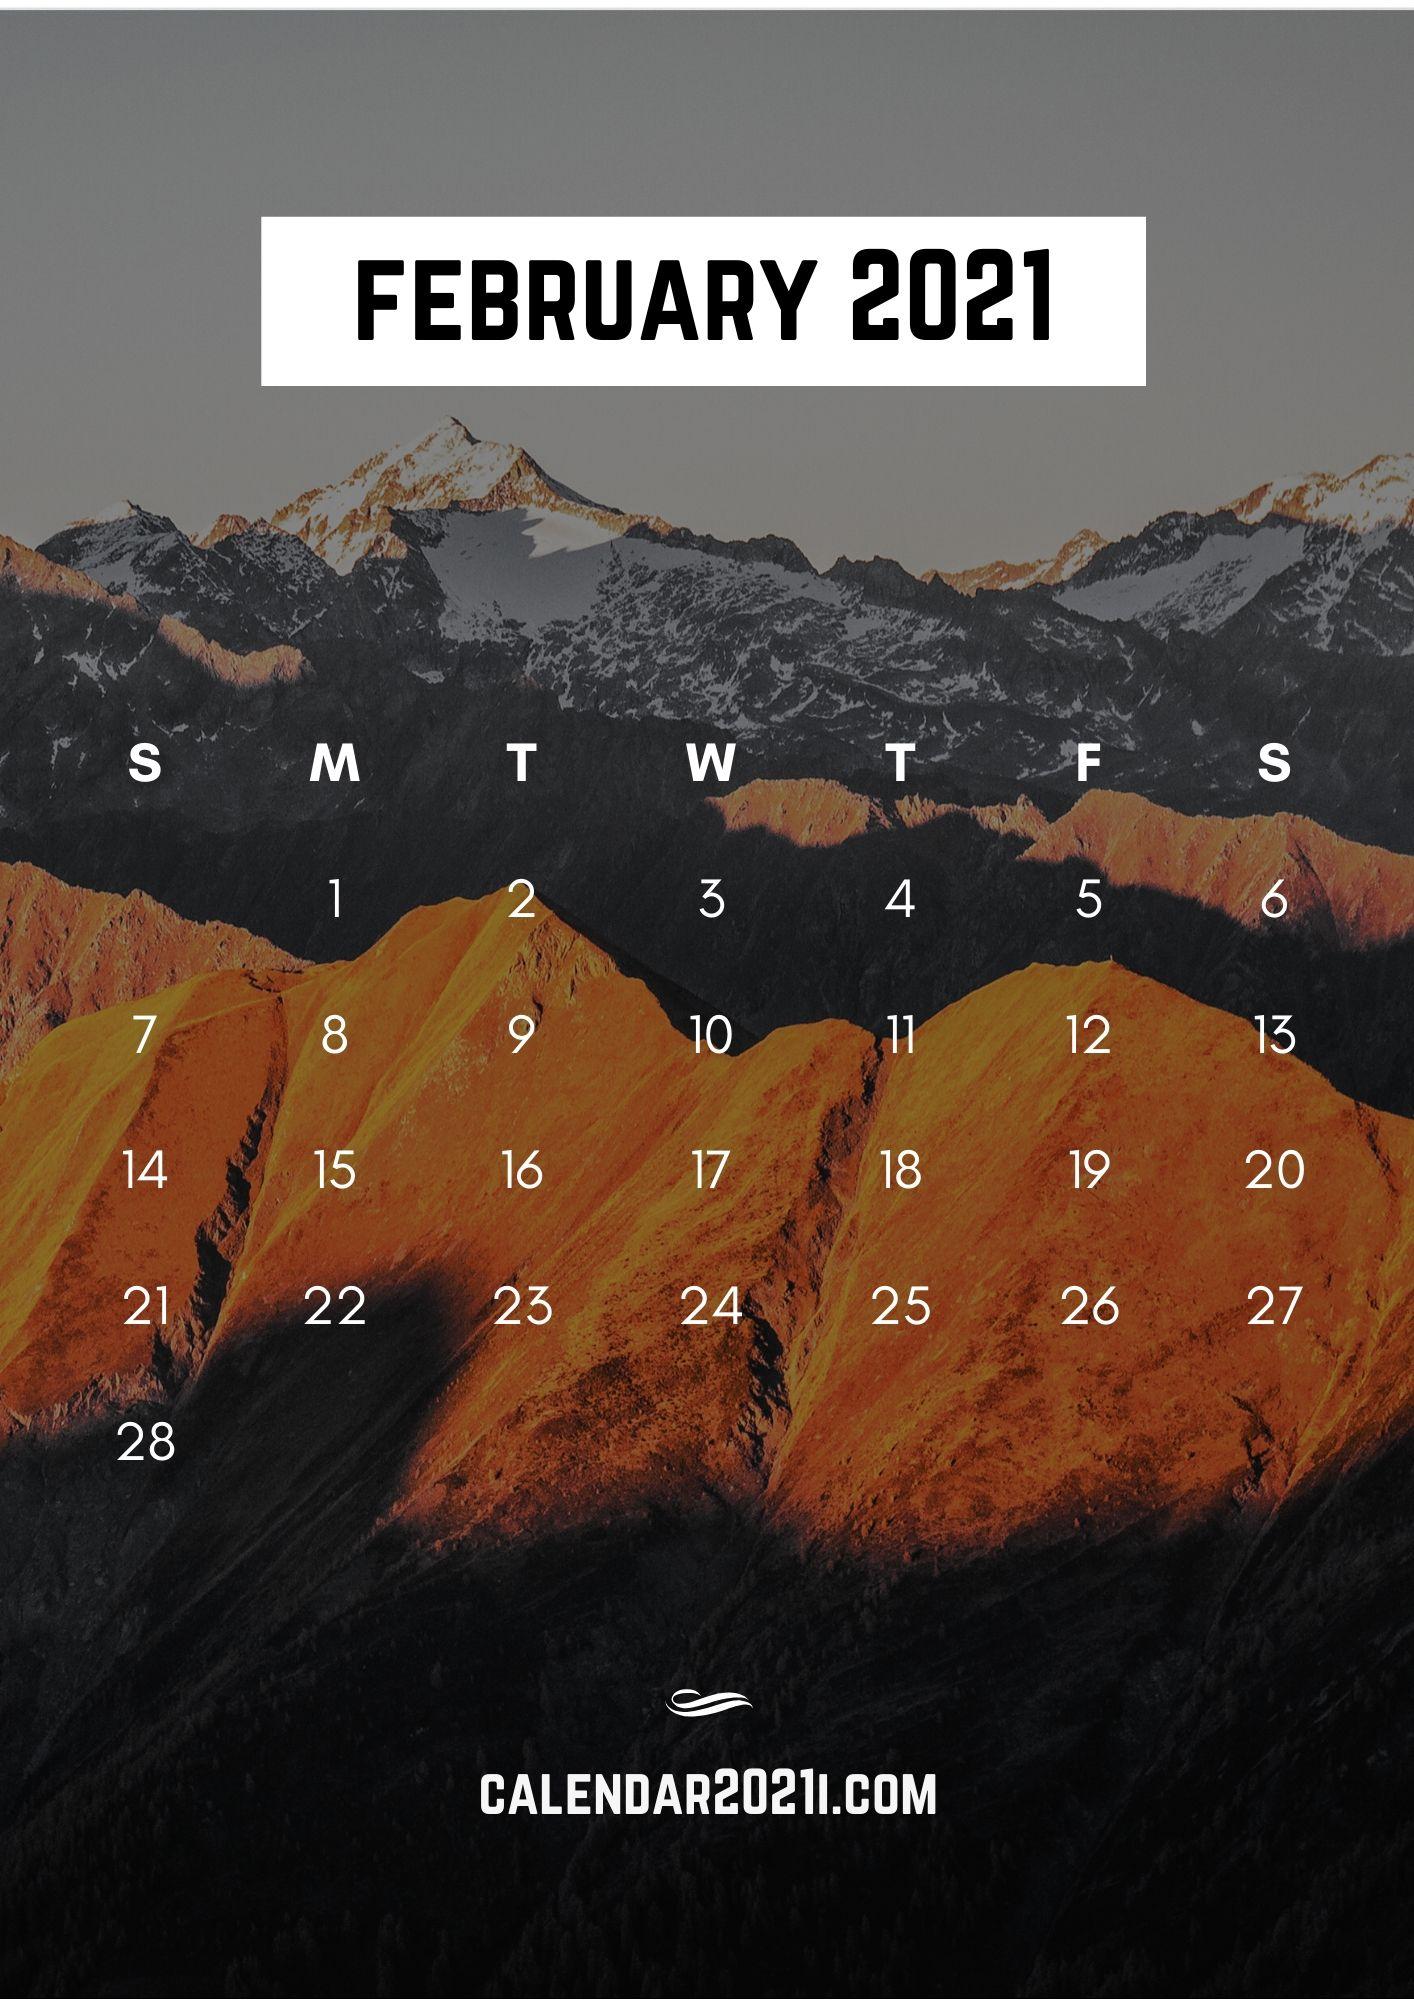 iPhone February 2021 Calendar Wallpapers Download Calendar 2021 1414x2000